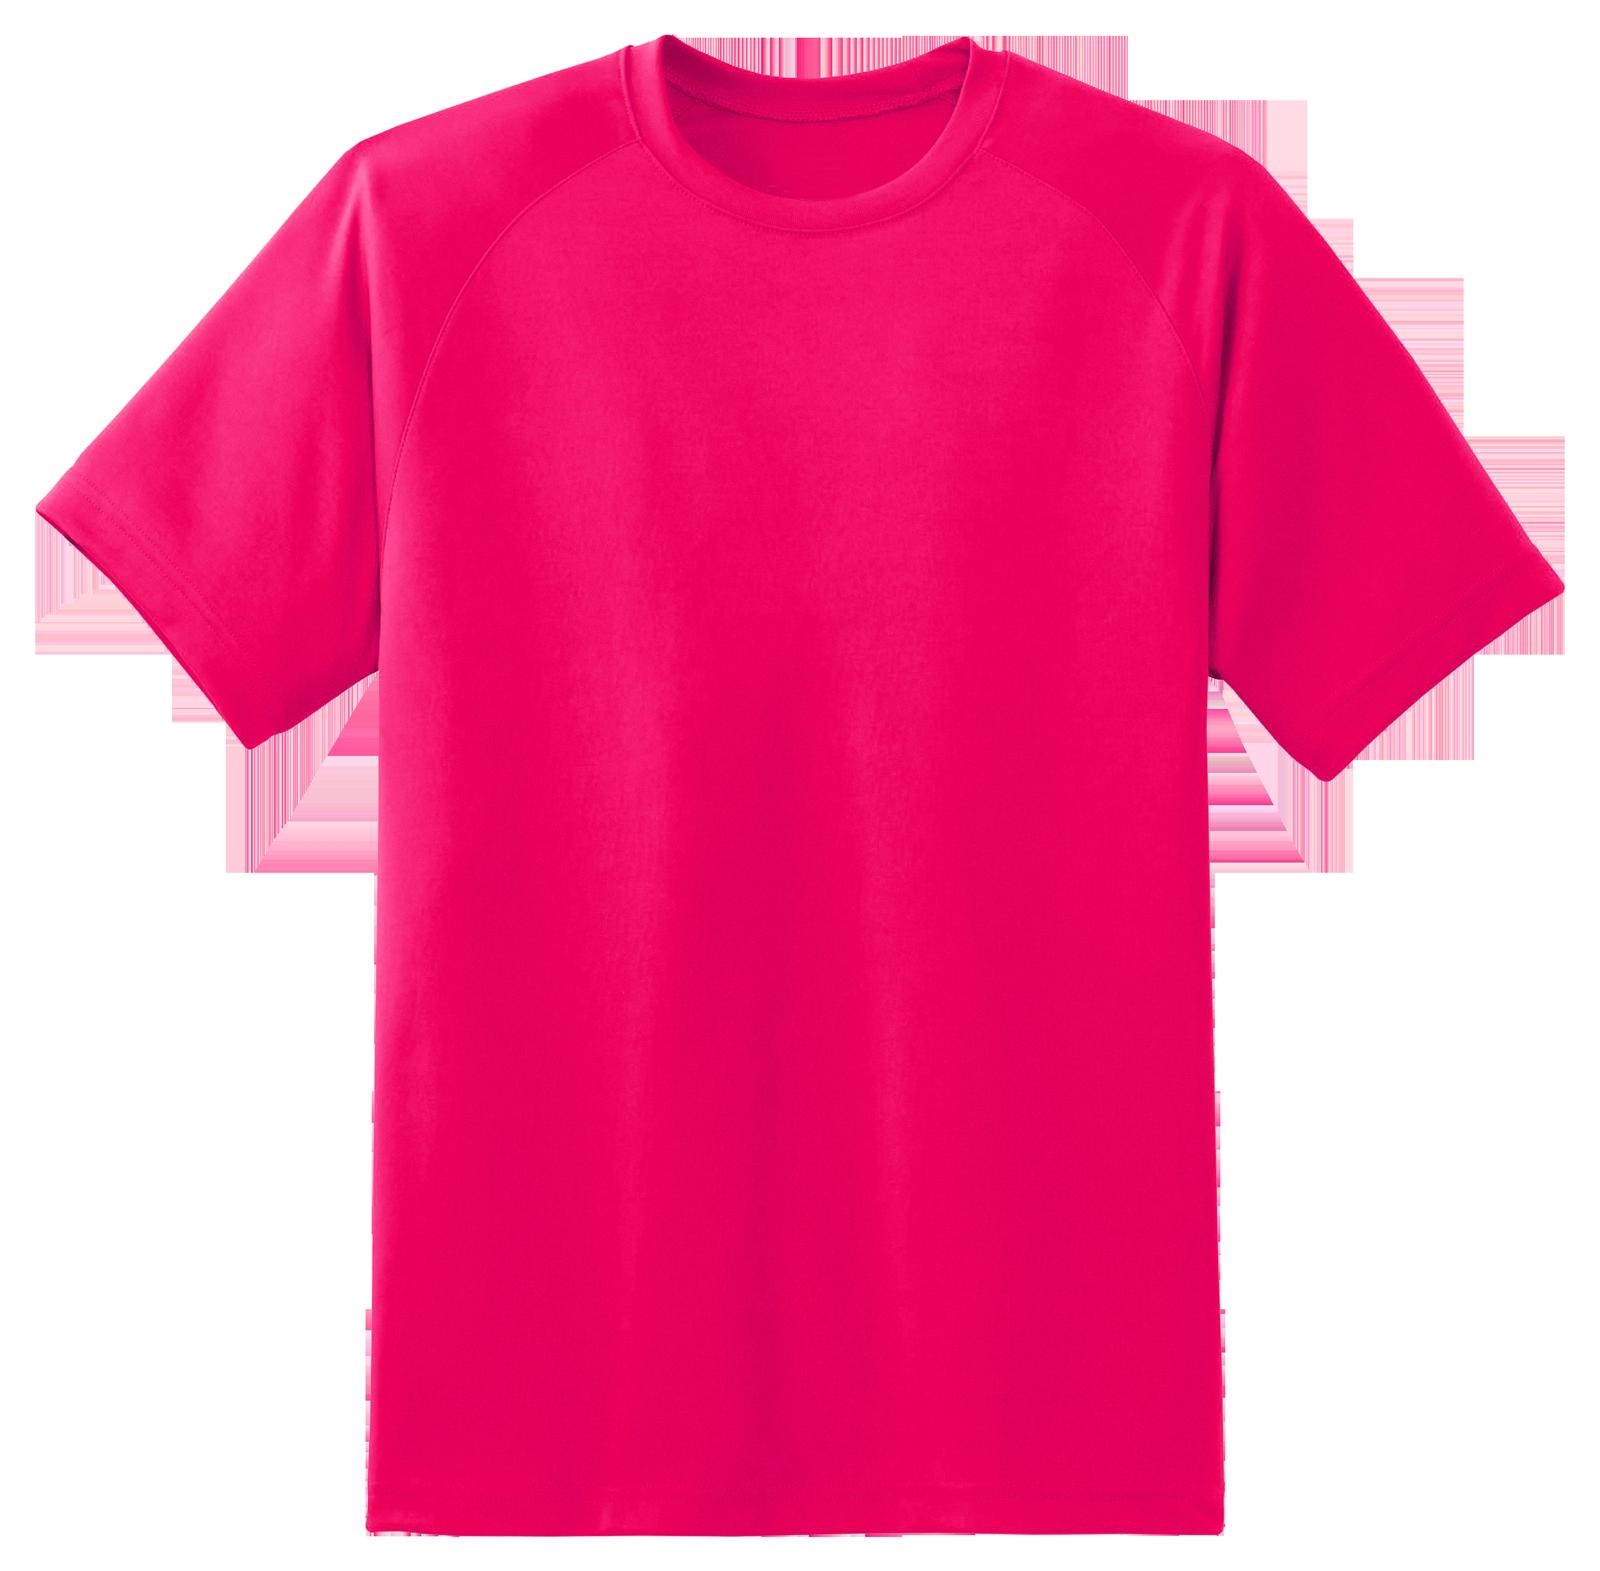 Tshirt PNG - 13327